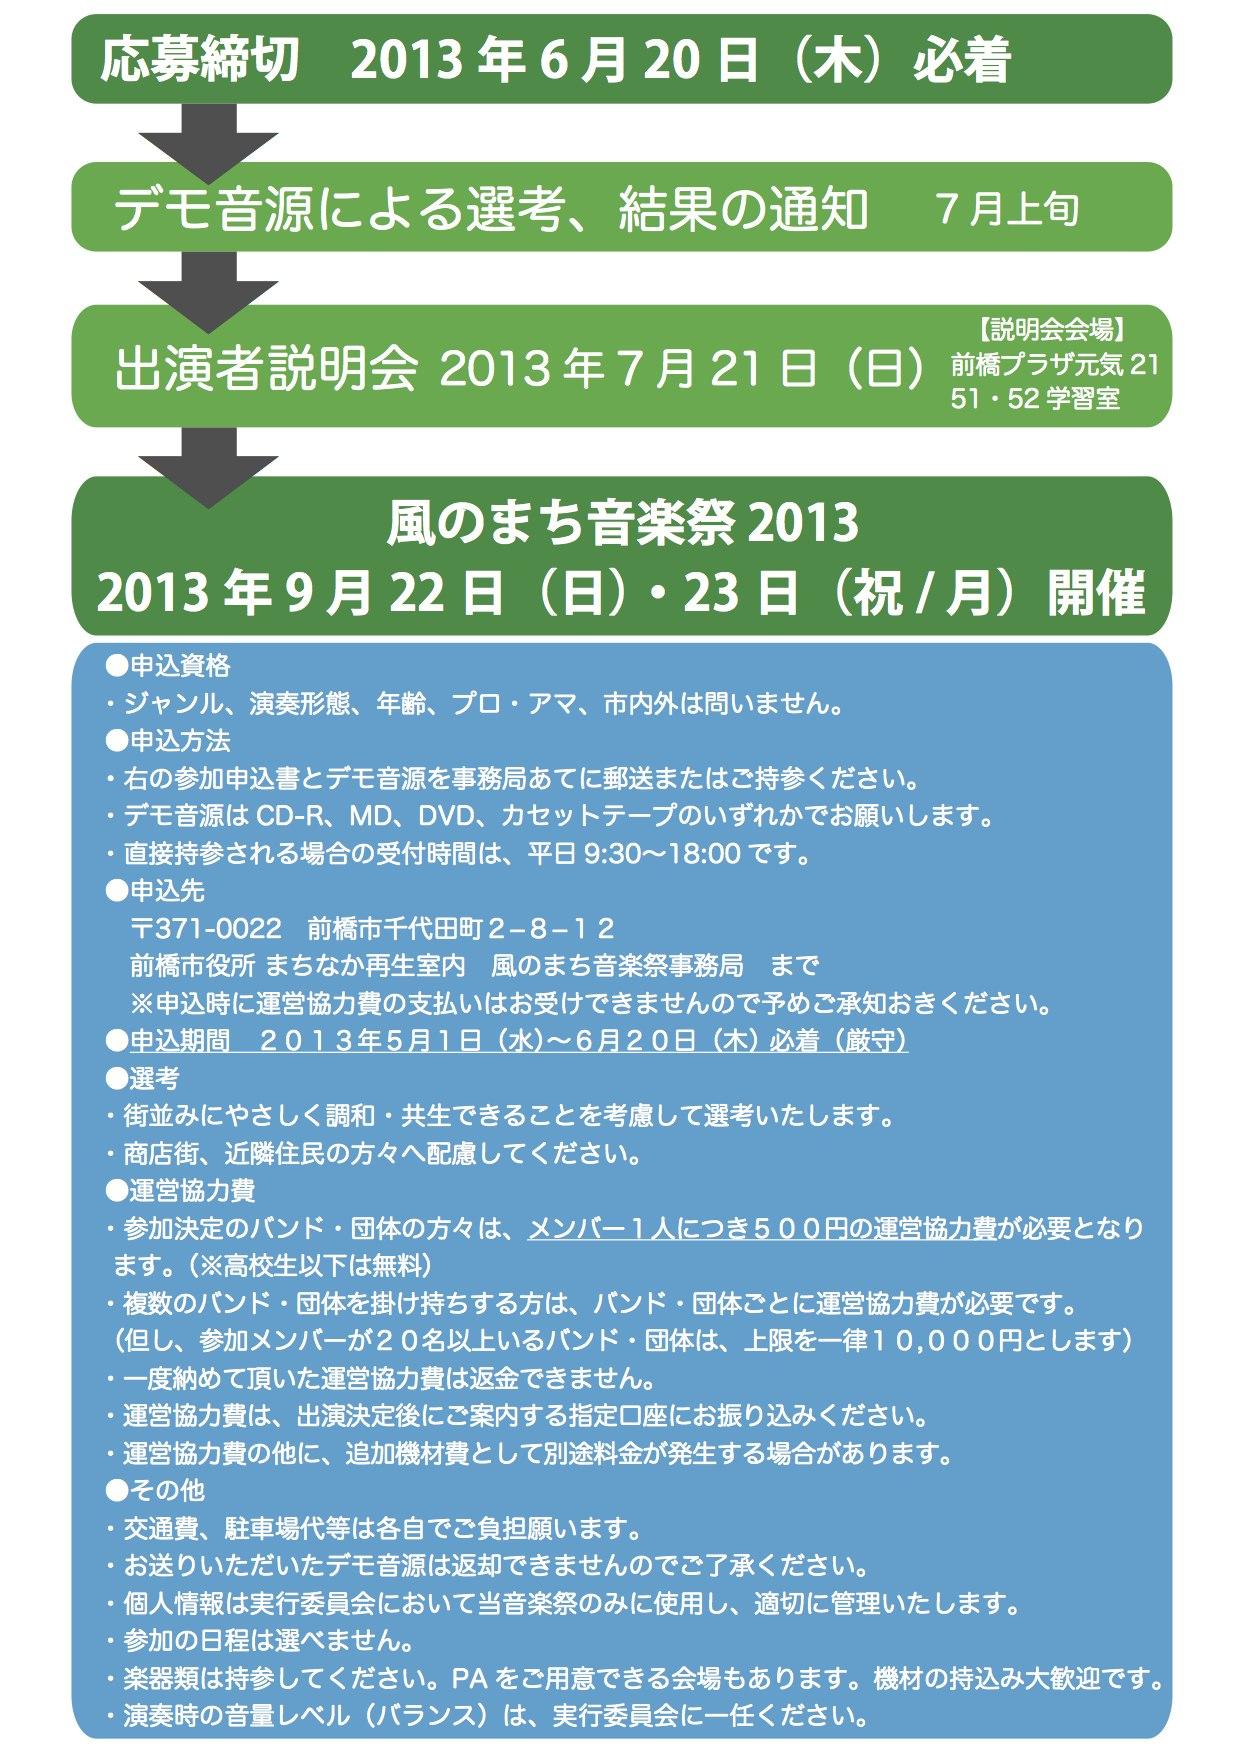 2013-募集要項-裏面